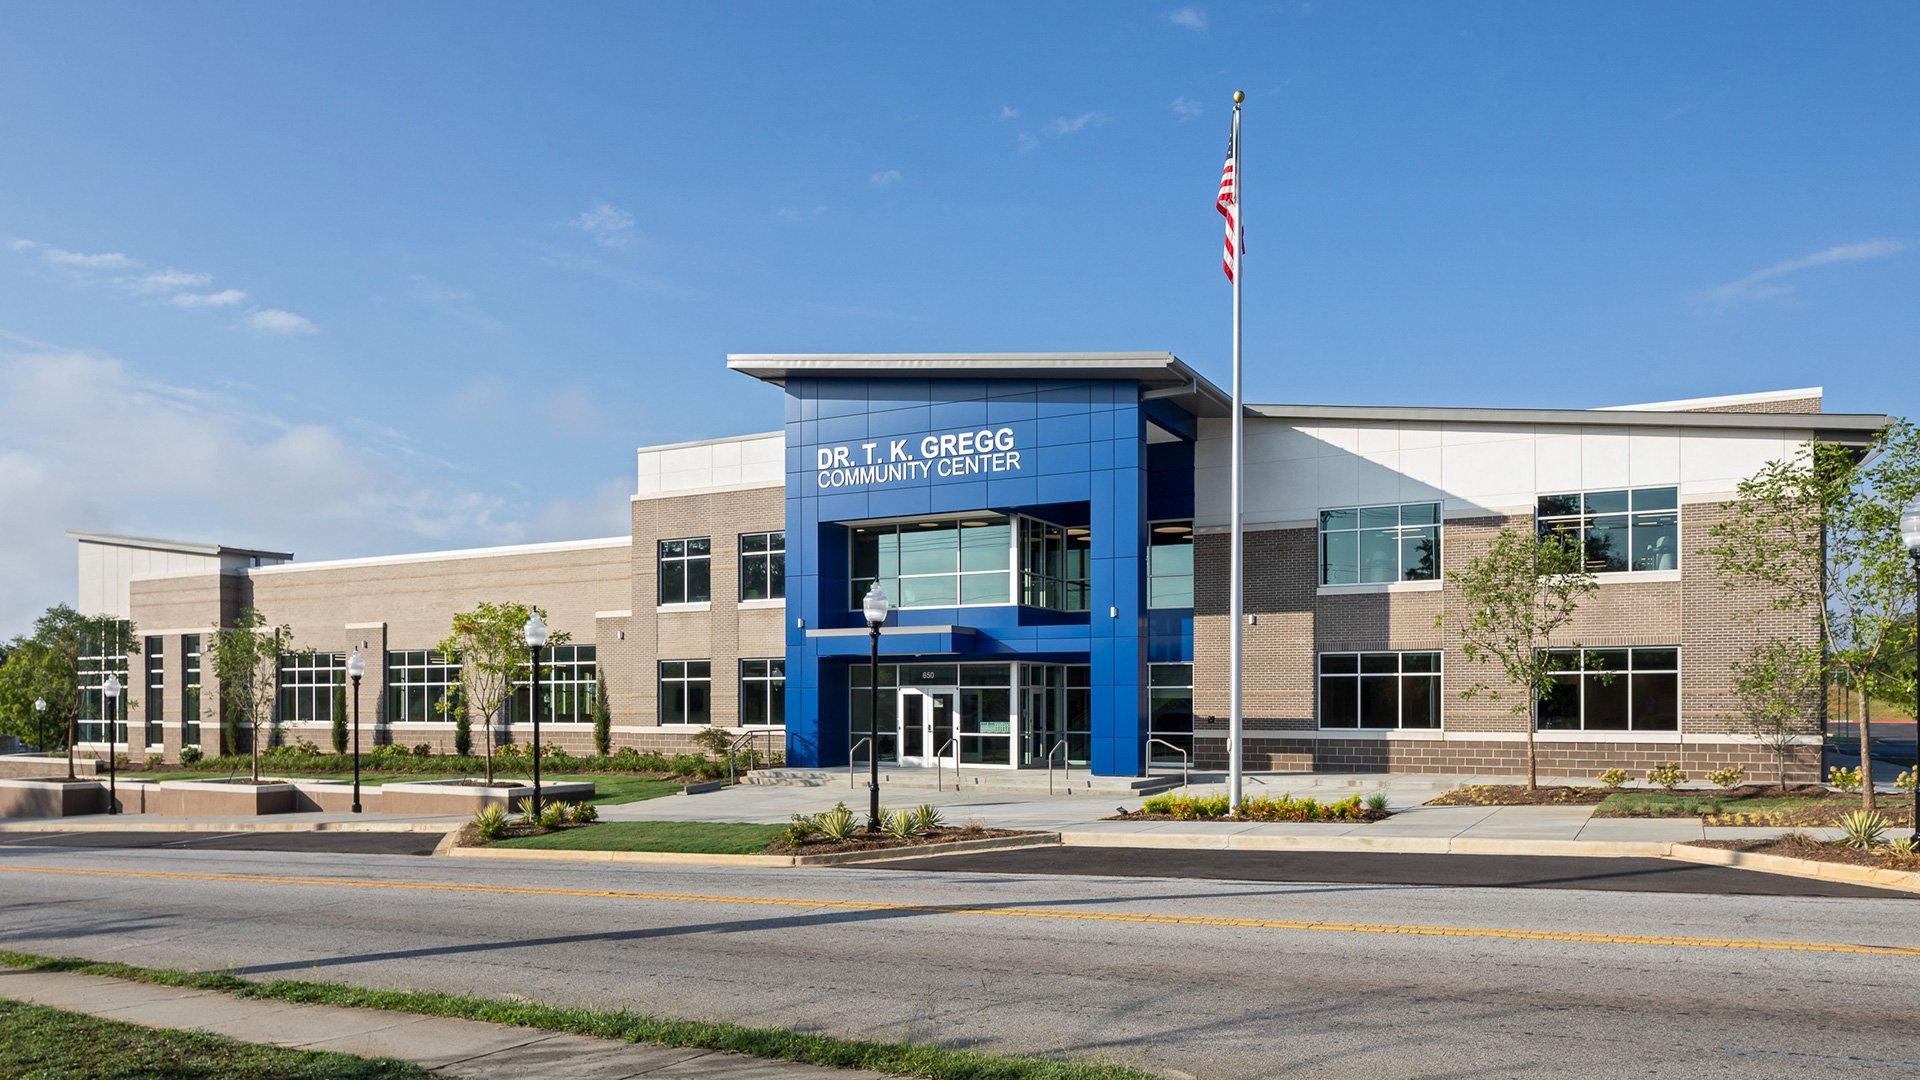 Dr. T.K. Gregg Community Center